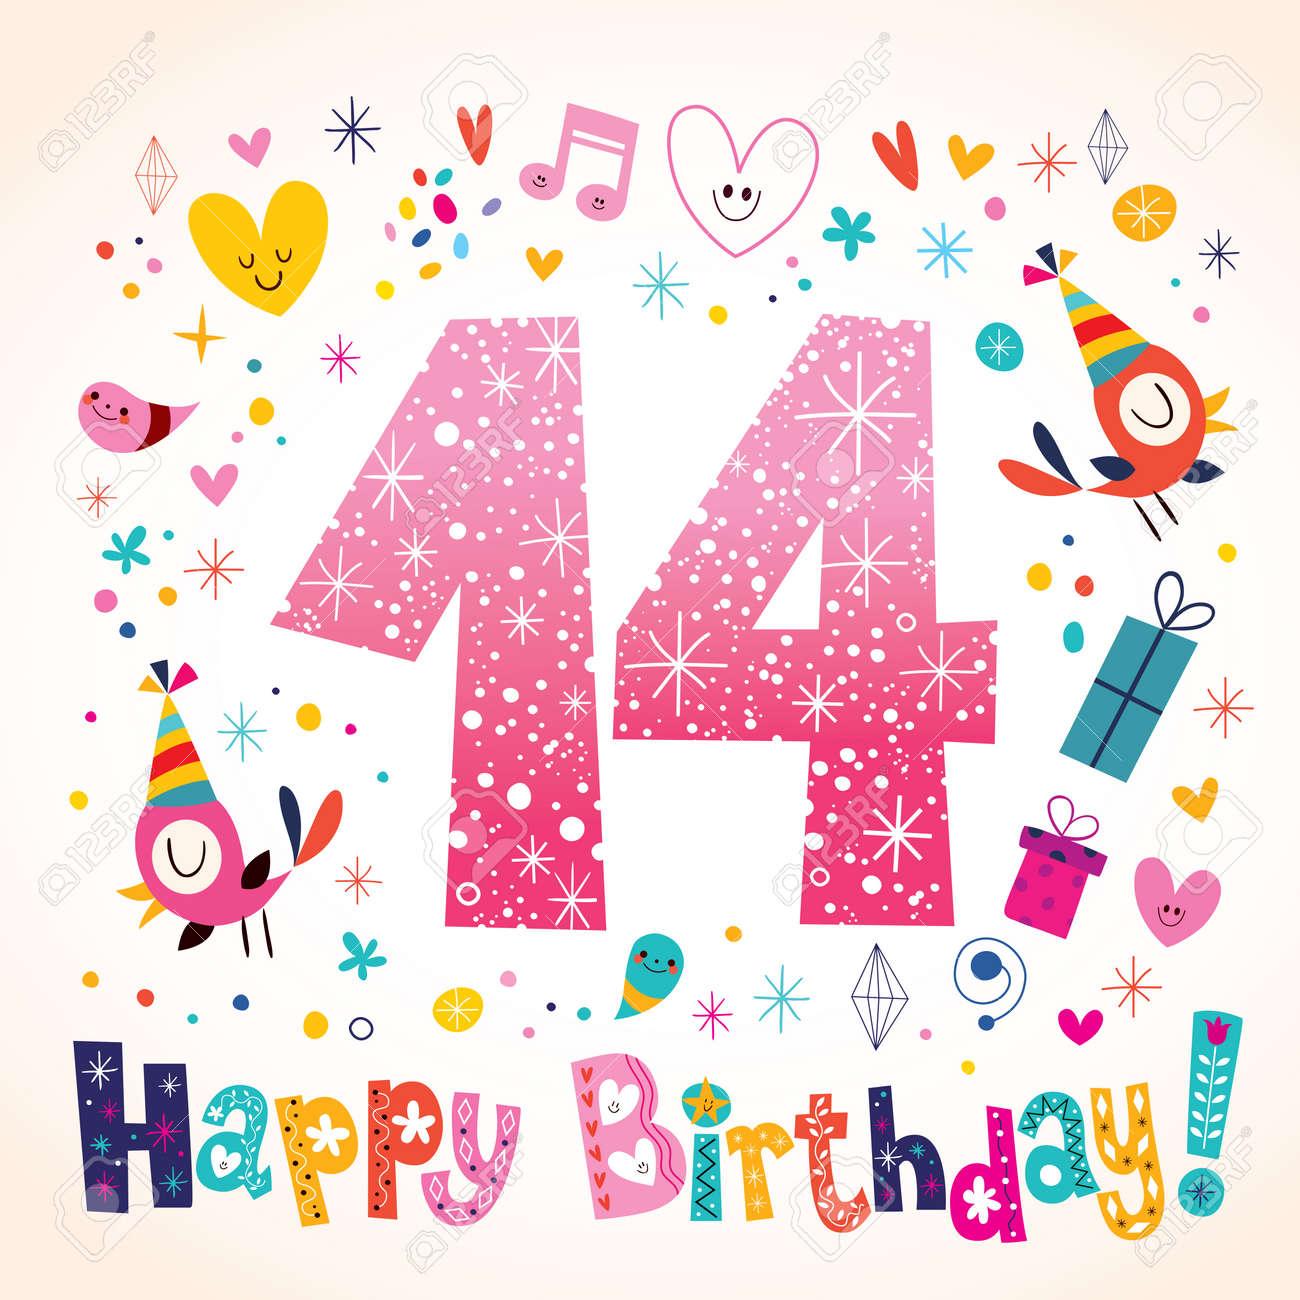 Alles Gute Zum Geburtstag 14 Jahre Kinder Grußkarte Lizenzfrei